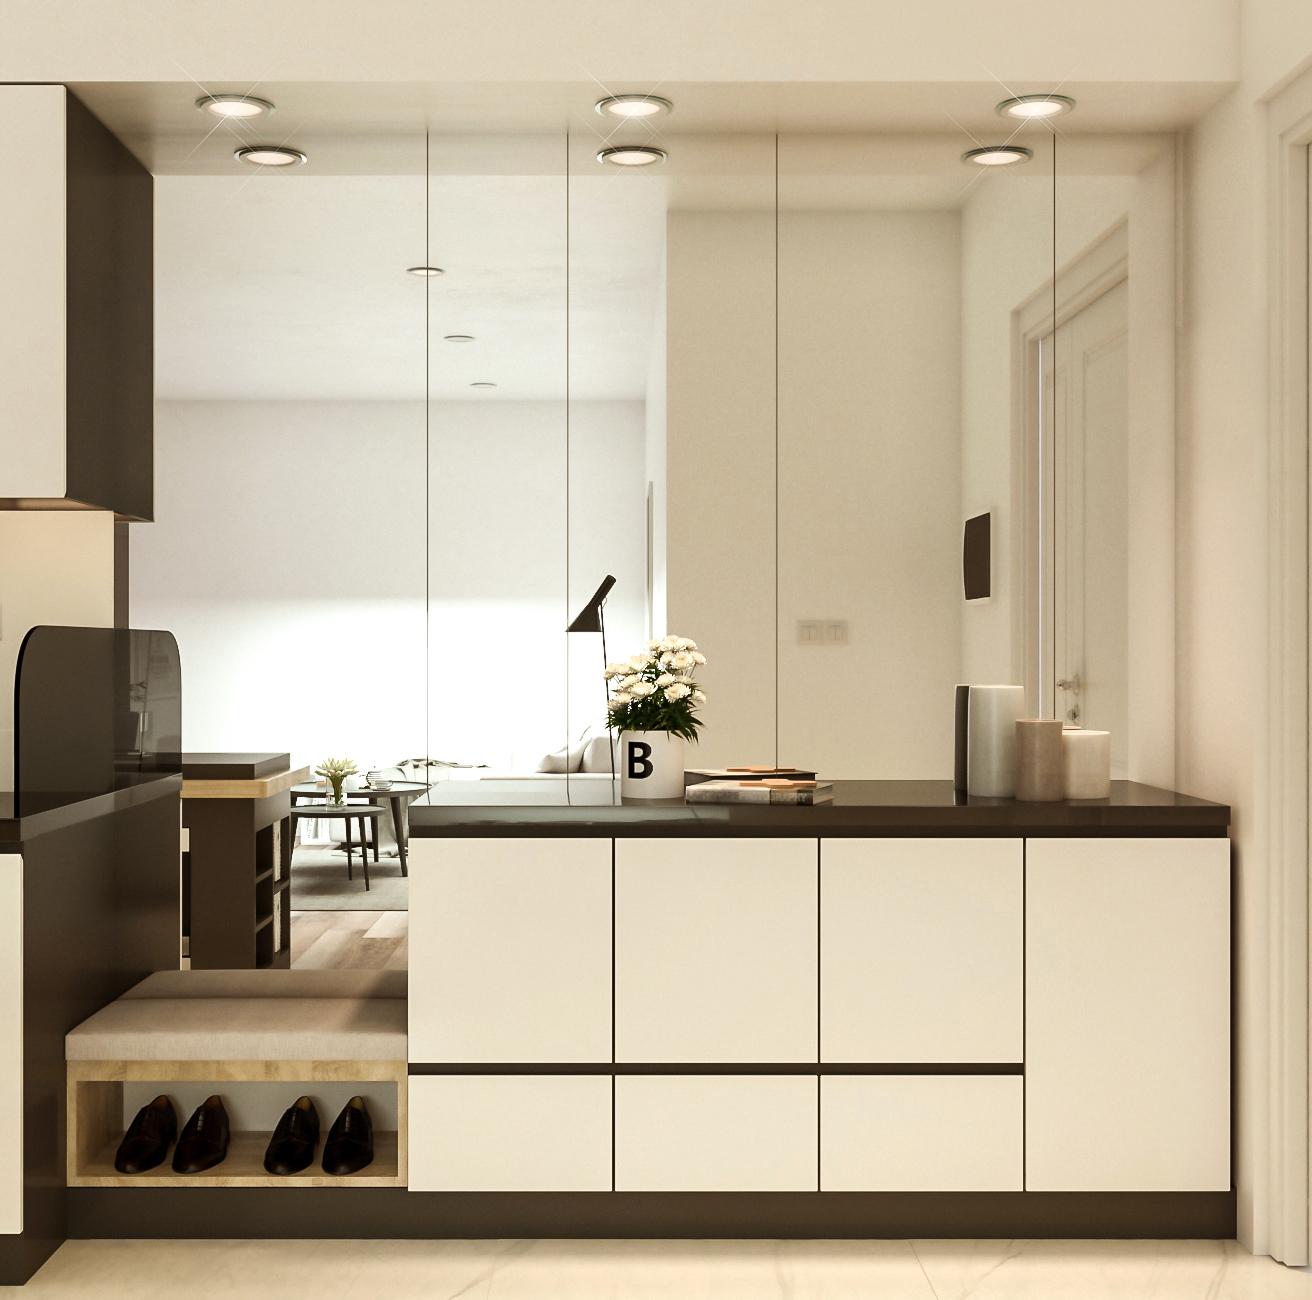 Tư vấn thiết kế căn hộ chung cư có diện tích 45m² với chi phí 128 triệu đồng - Ảnh 3.